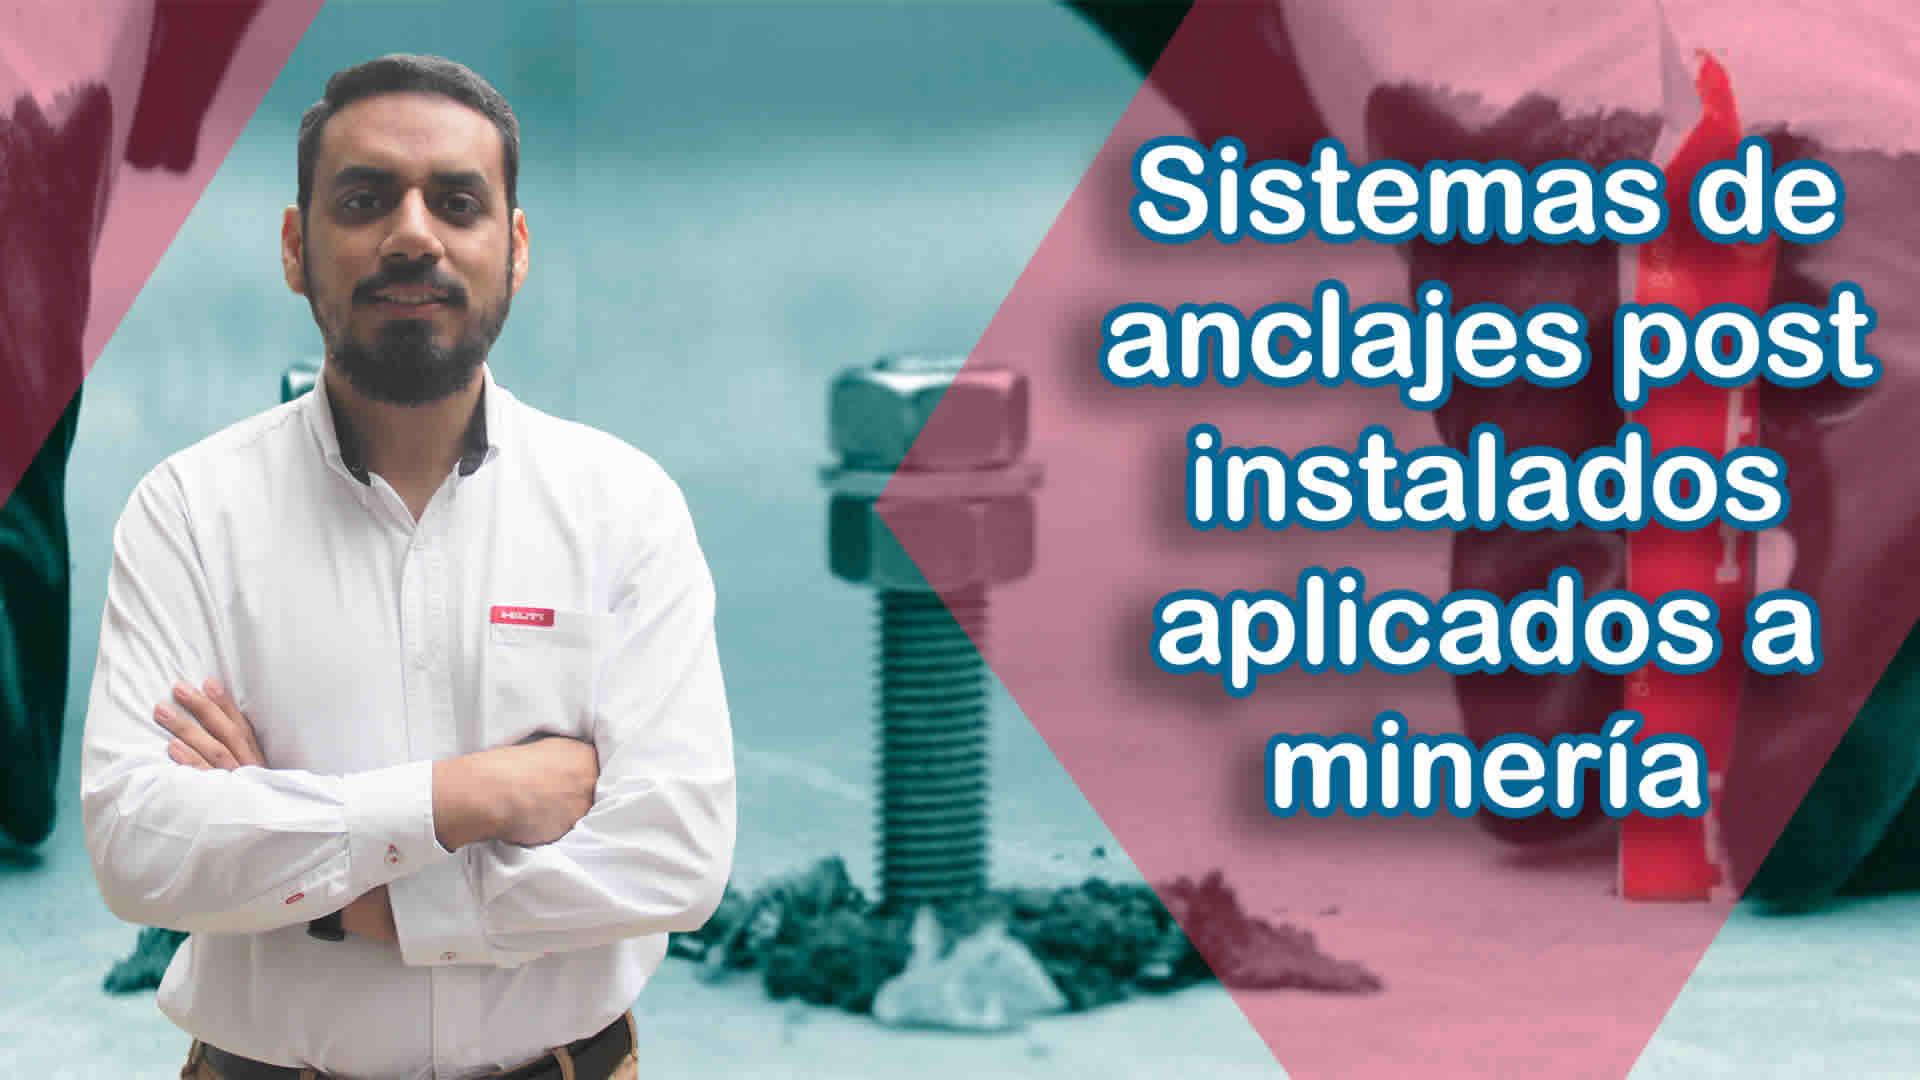 Sistemas de anclajes post instalados aplicados a minería